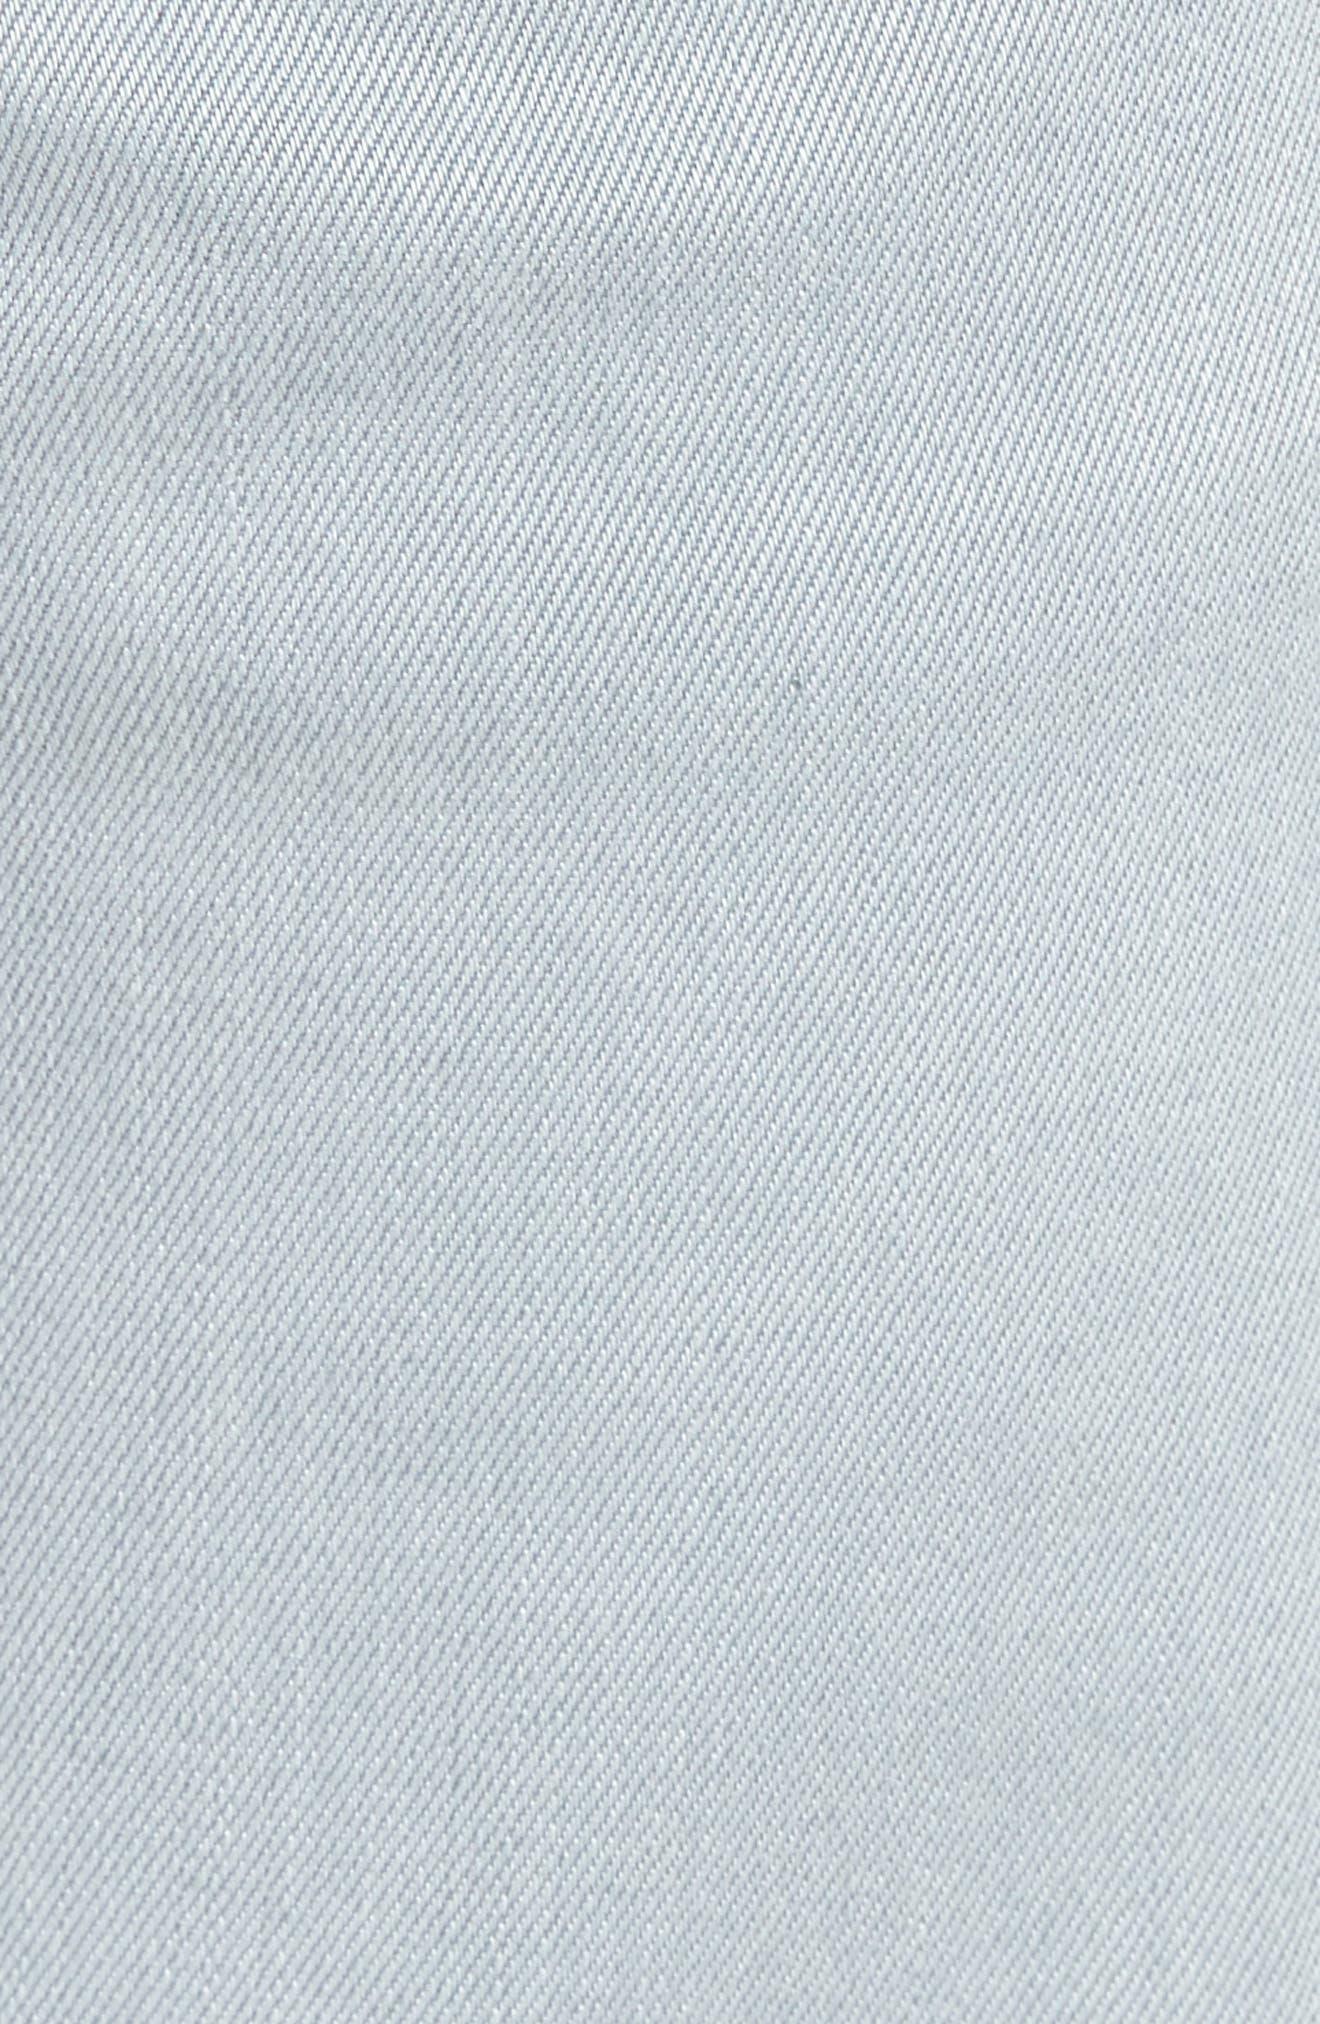 FIDELITY DENIM,                             Fidelity Jimmy Slim Straight Leg Jeans,                             Alternate thumbnail 5, color,                             020